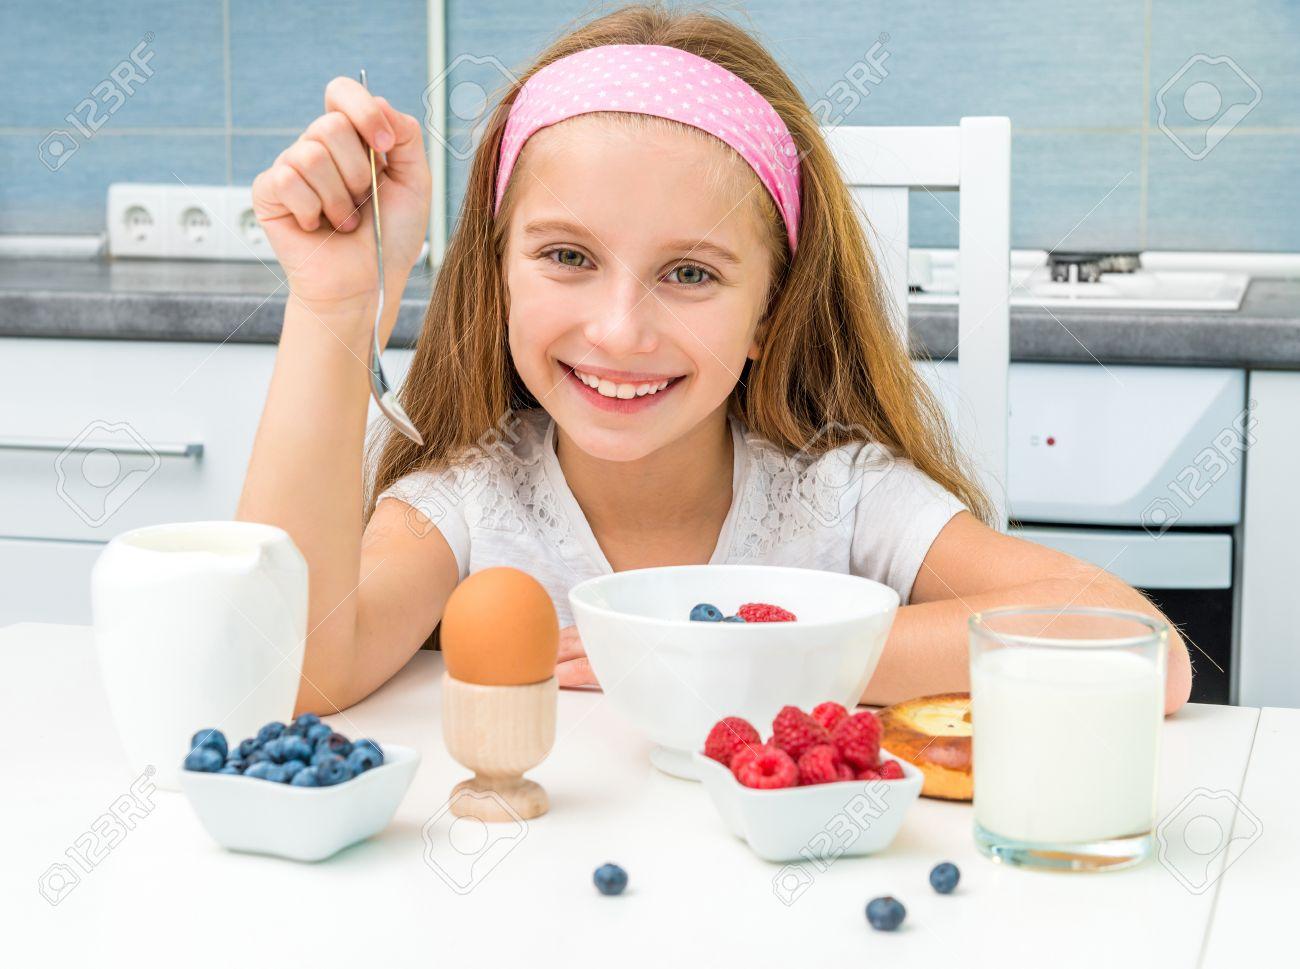 smiling little girl having breakfast - 45297574